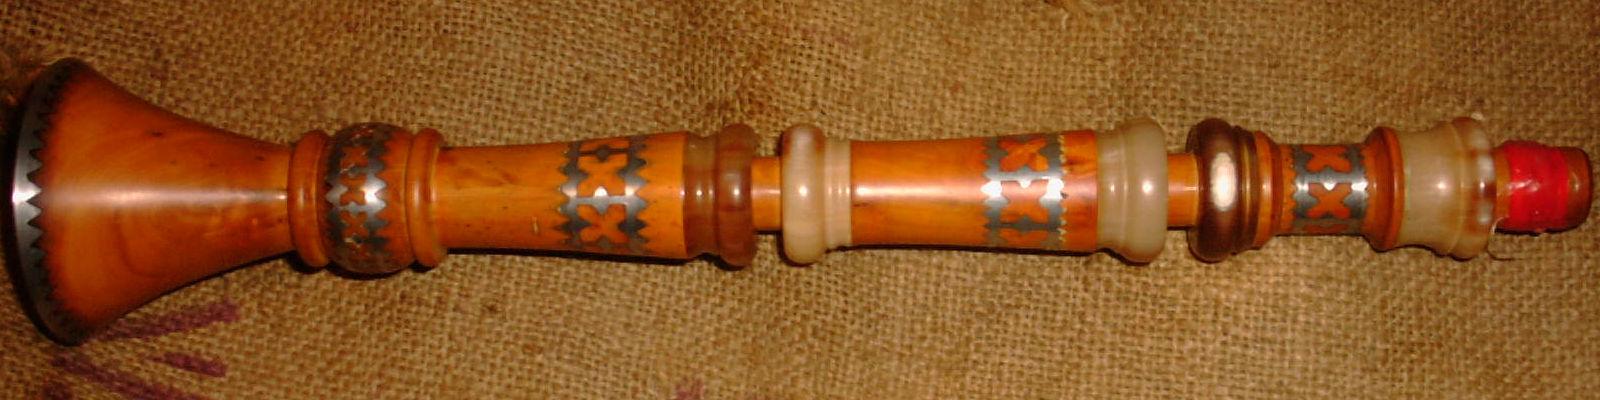 Une gamme d'instruments originale